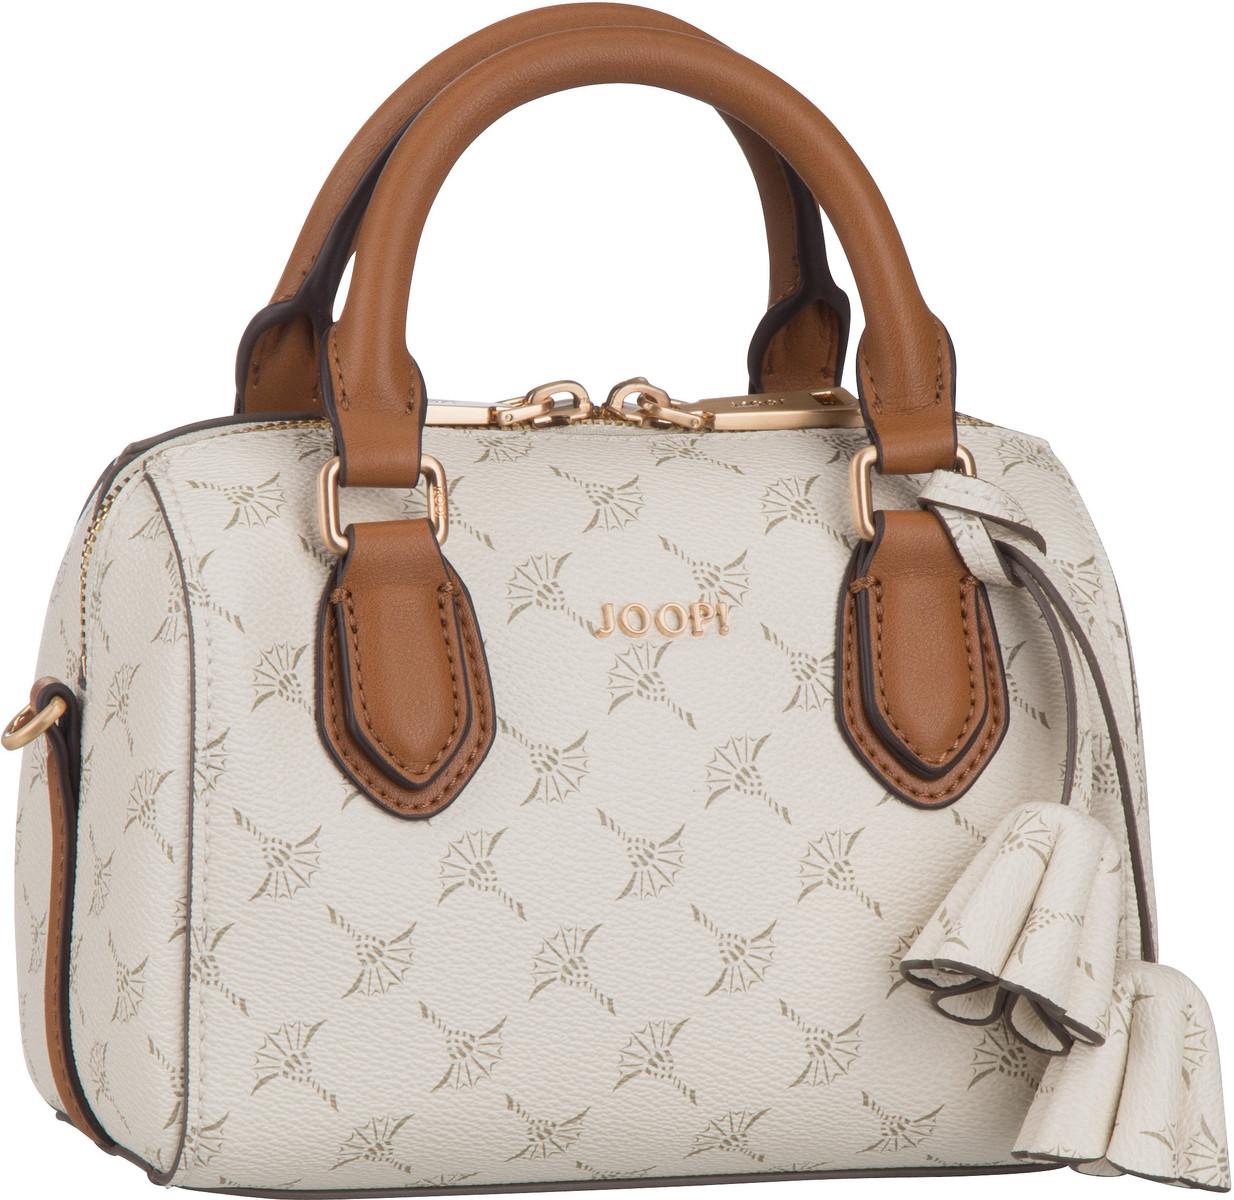 Handtasche Cortina Aurora HandBag XSHZ Offwhite